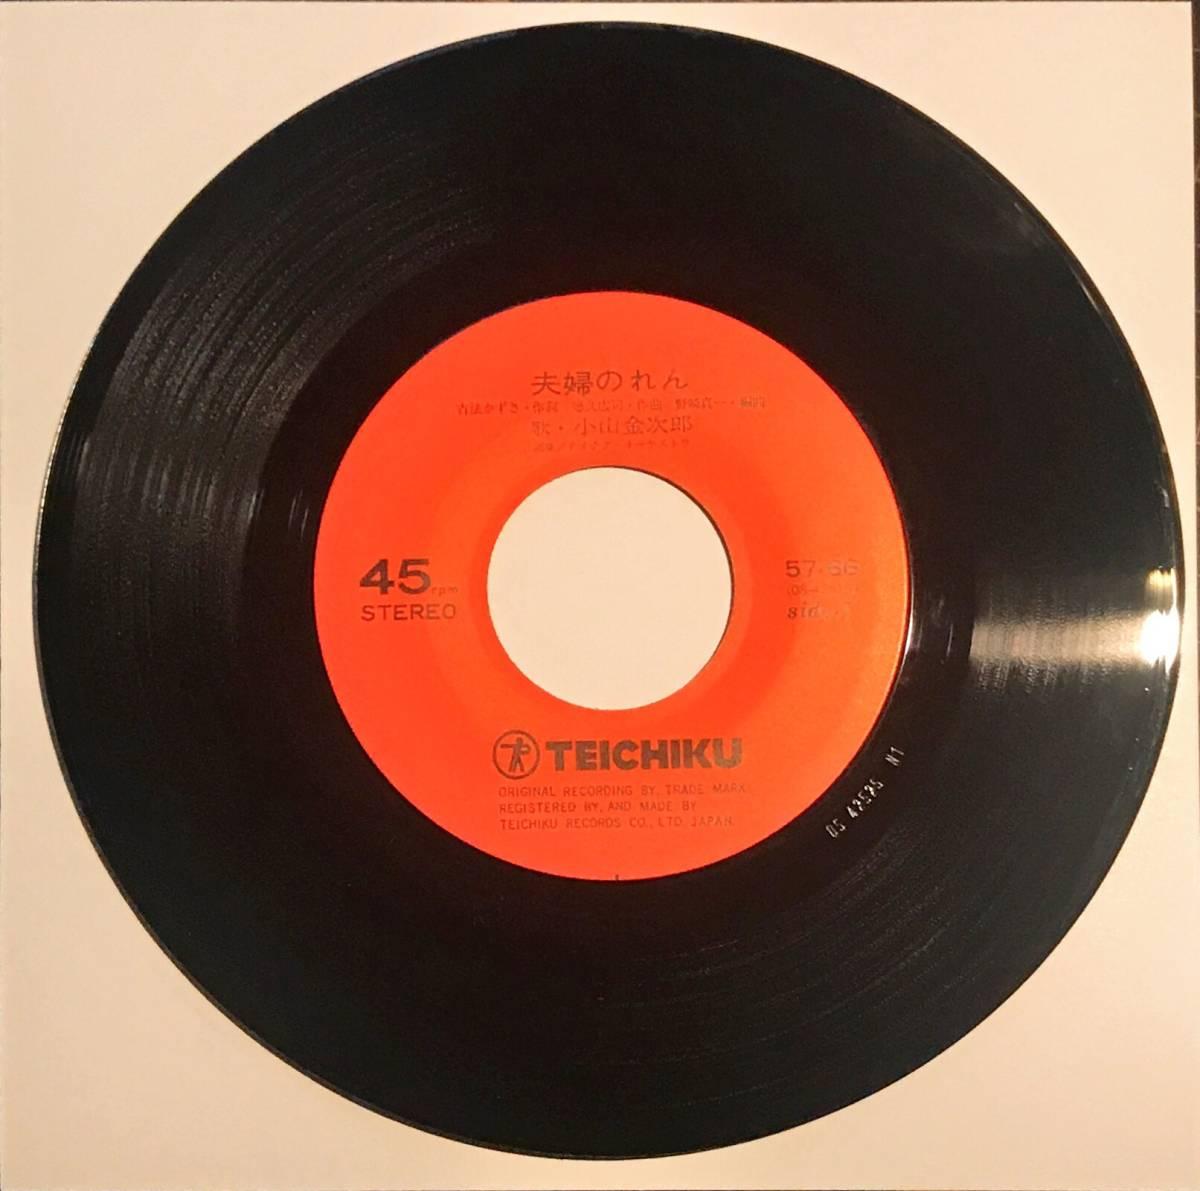 [試聴]和モノ自主盤マイナー盤 小山金次郎 // 夫婦のれん / カラオケ ディープ歌謡 [EP]サイン入りムード歌謡曲 希少B級 演歌 7inch_画像4